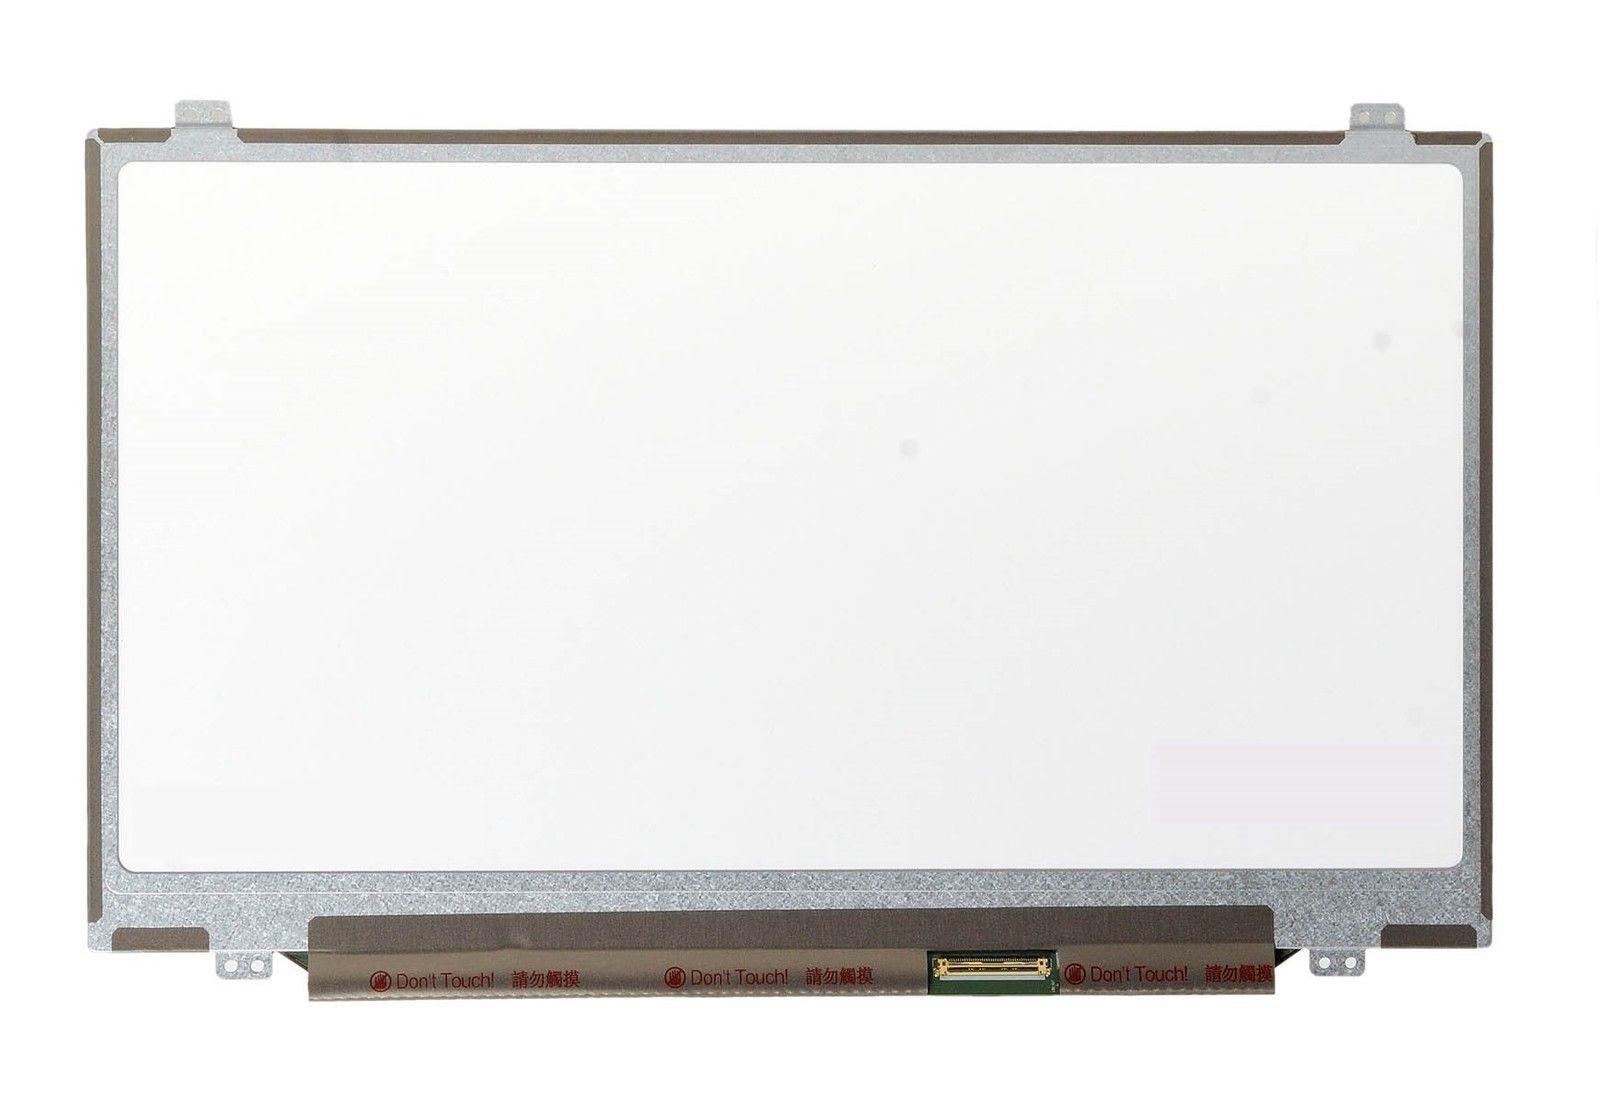 For HP PAVILION DM4-2165DX Laptop Screen 14 PAVILION DM4-2165DX Laptop Screen WXGA HD 1366x768 14 wxga glossy laptop led screen for hp pavilion g4 2149se